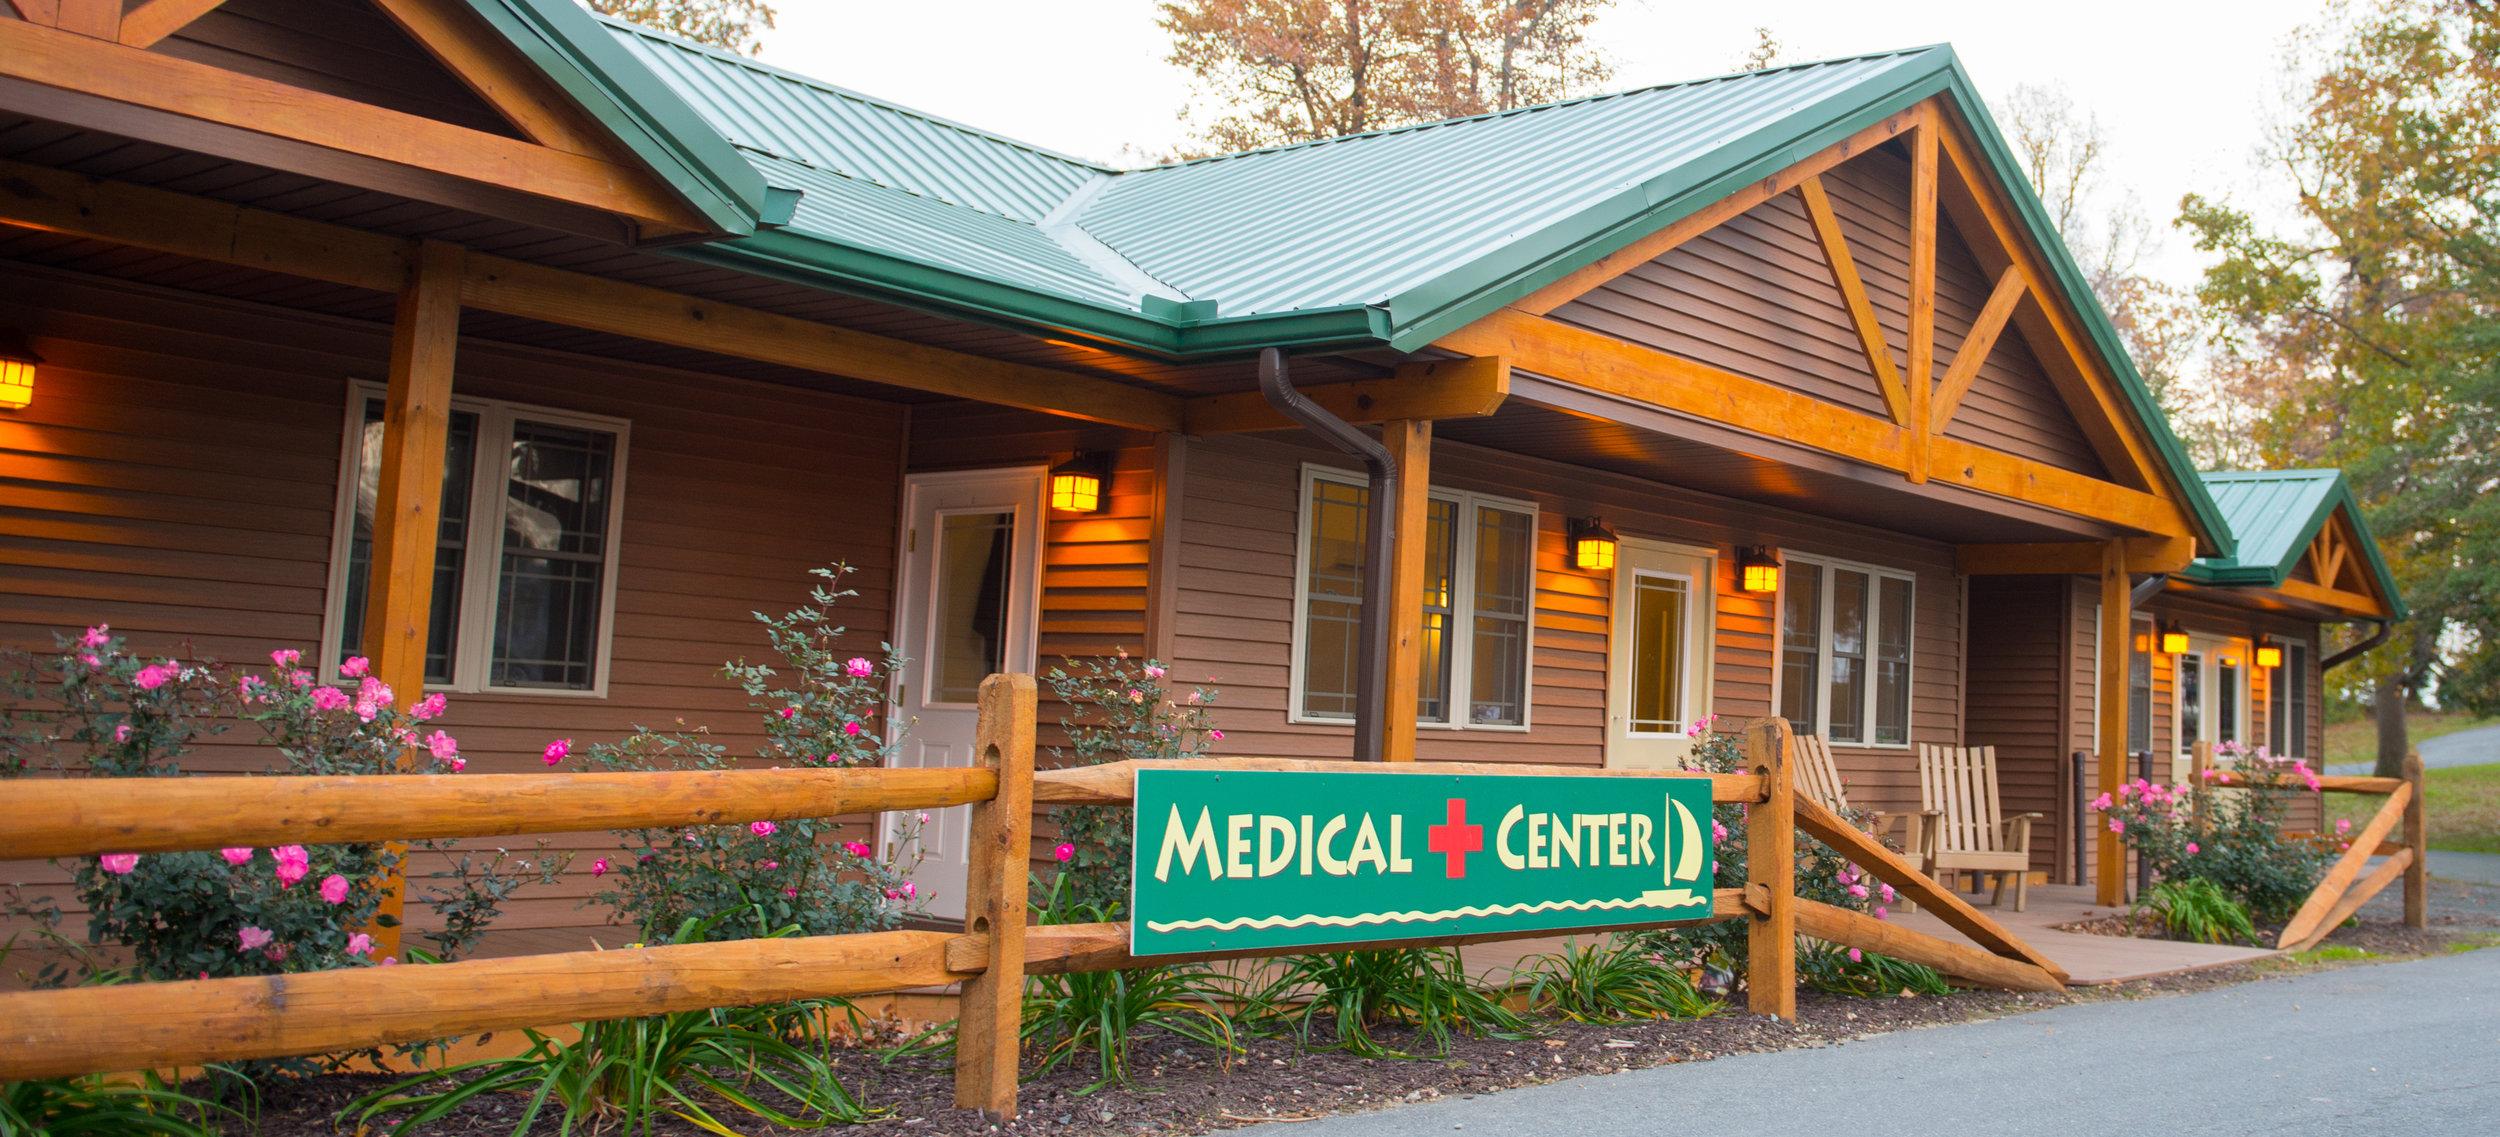 Medical Center-2043.jpg